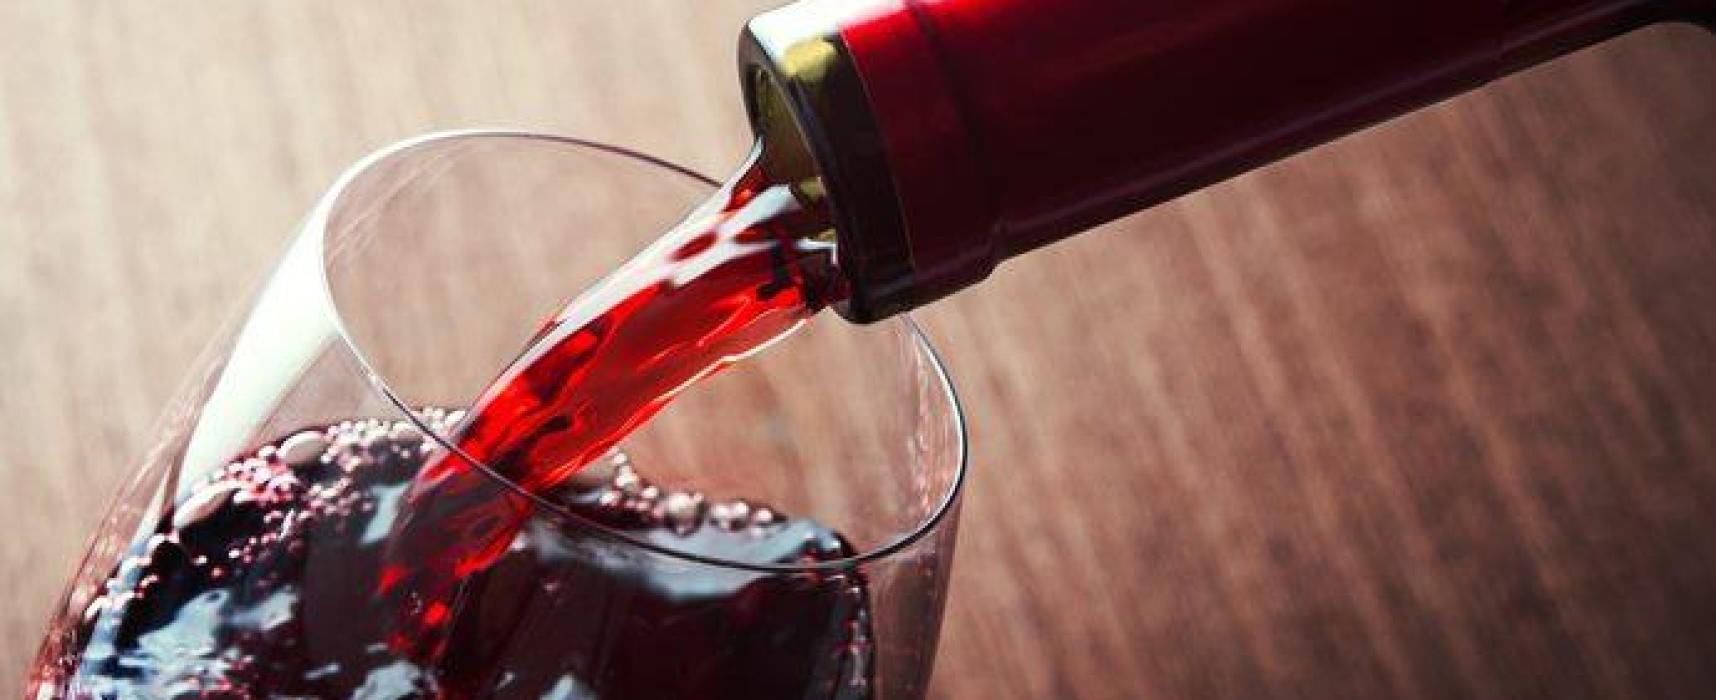 Sesso e vino rosso, i due insospettabili alleati contro il tumore alla prostata